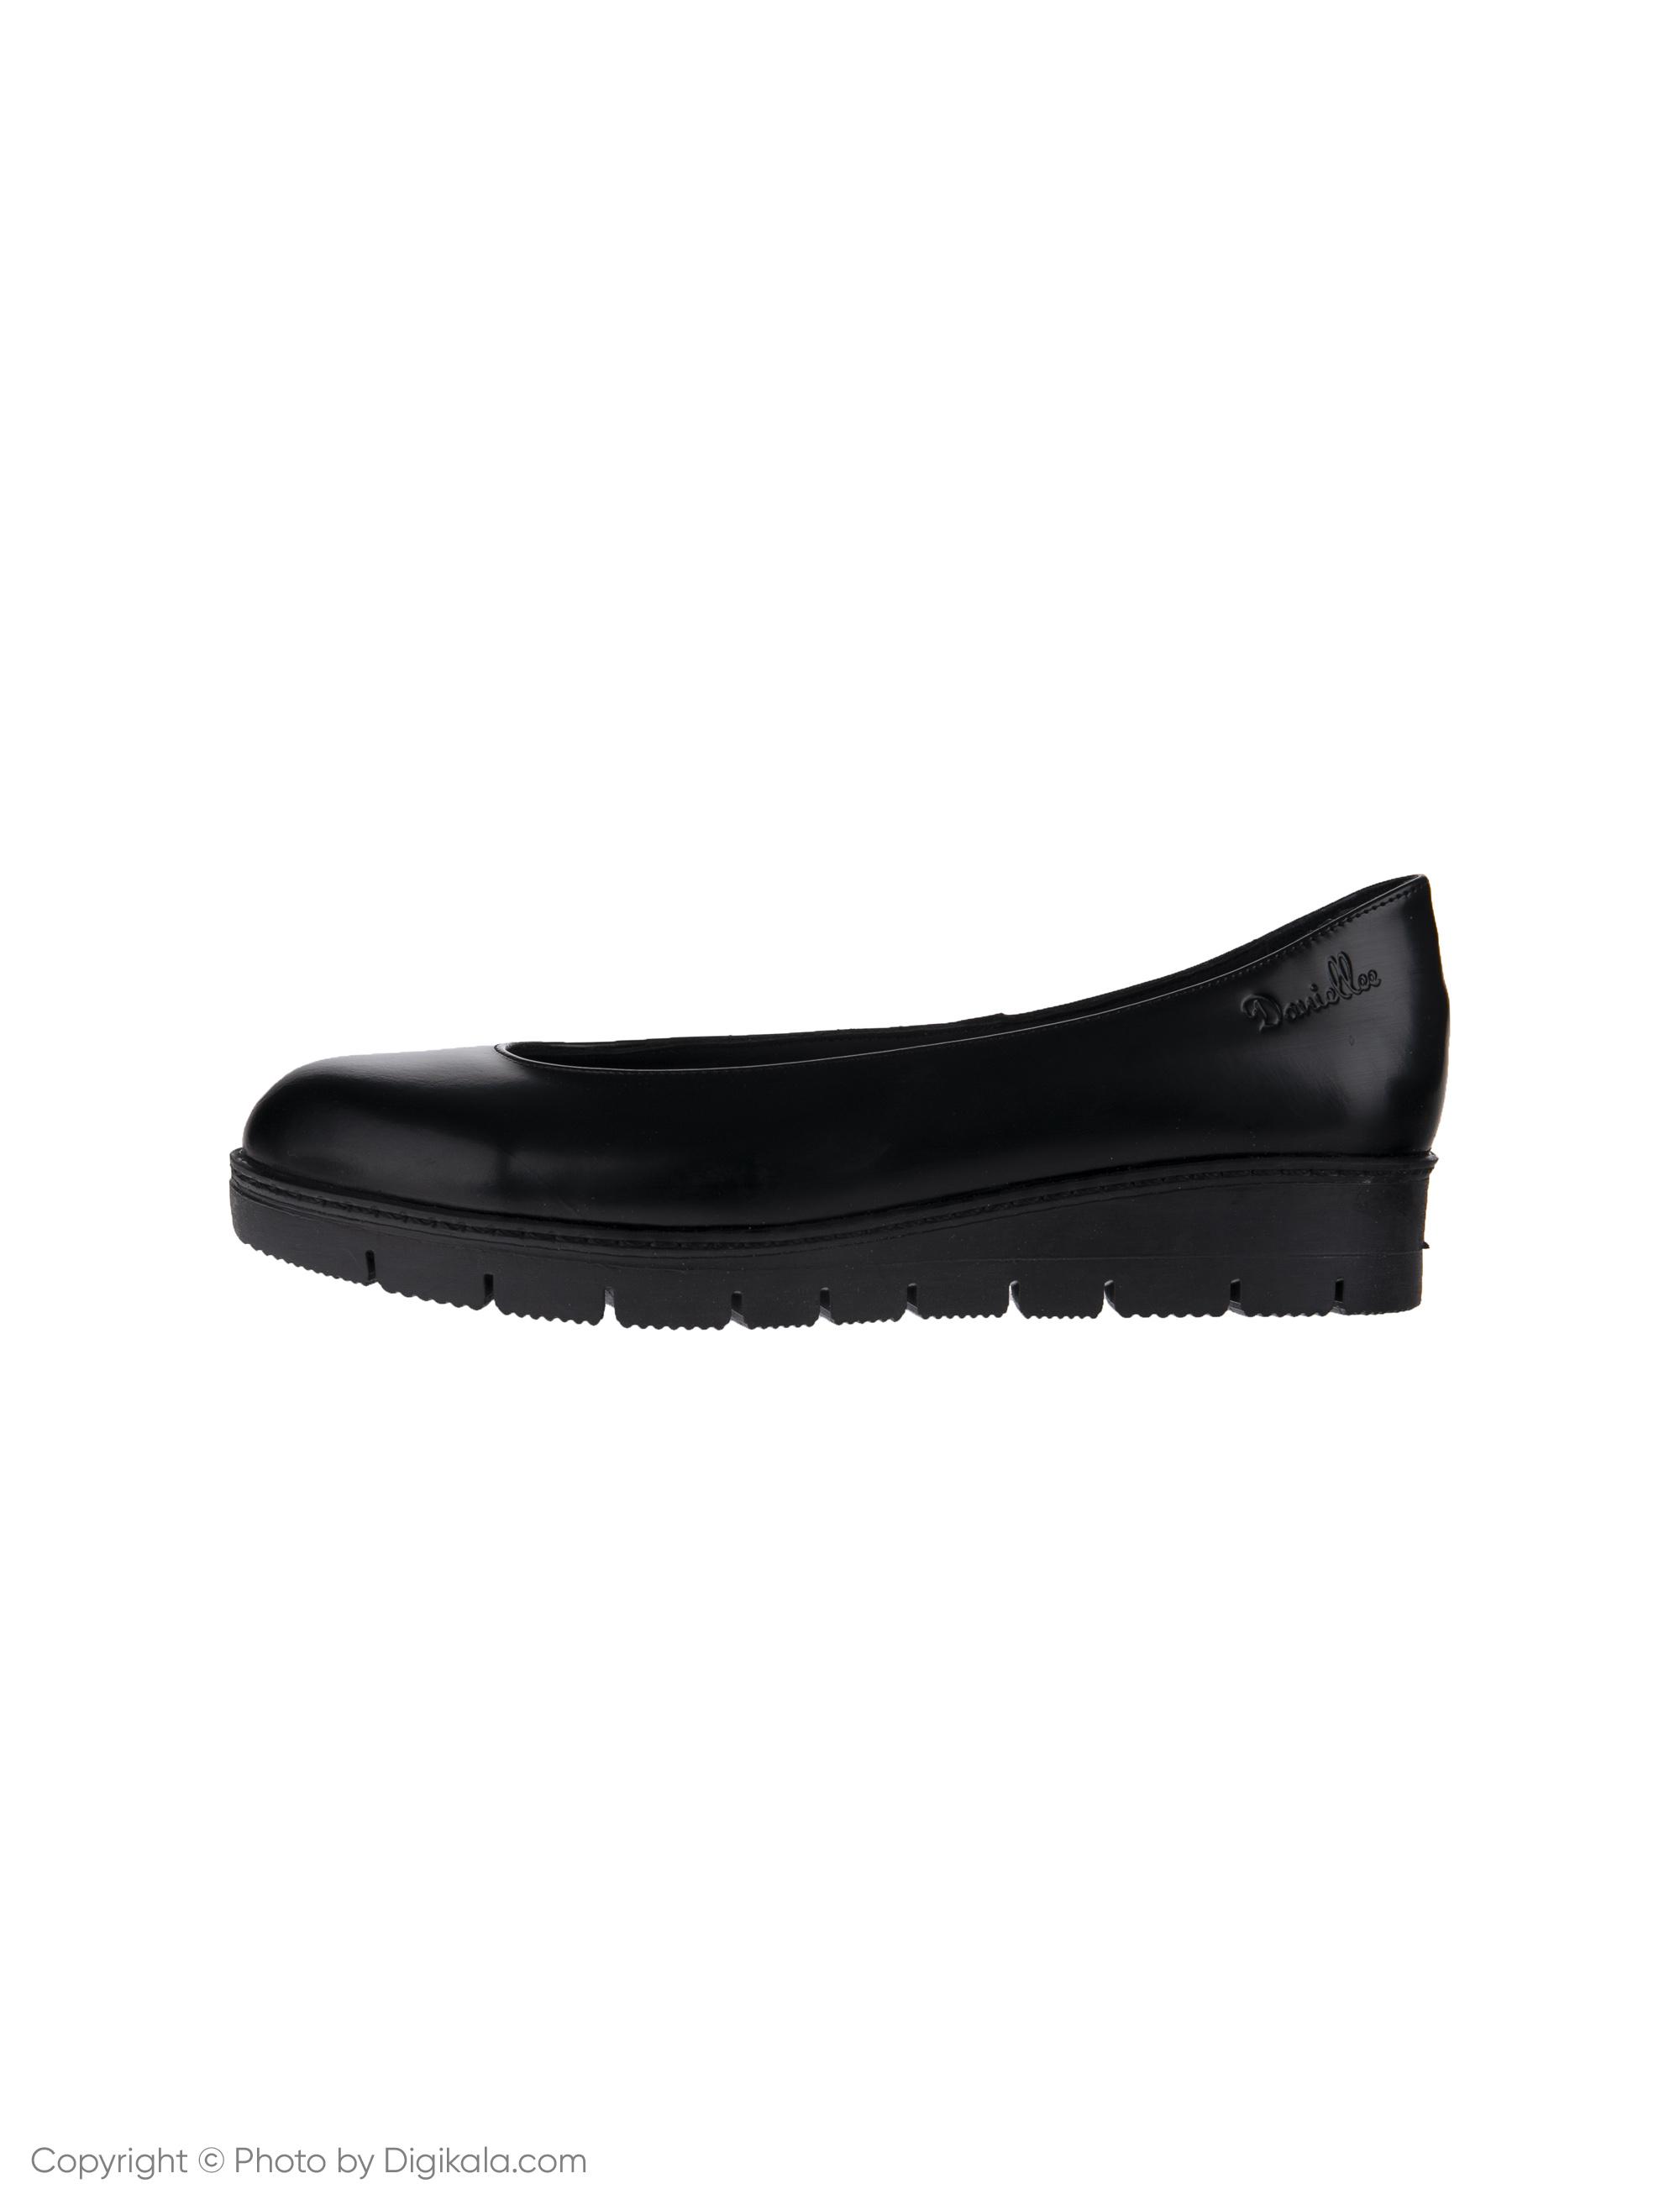 کفش زنانه دنیلی مدل 114010061005